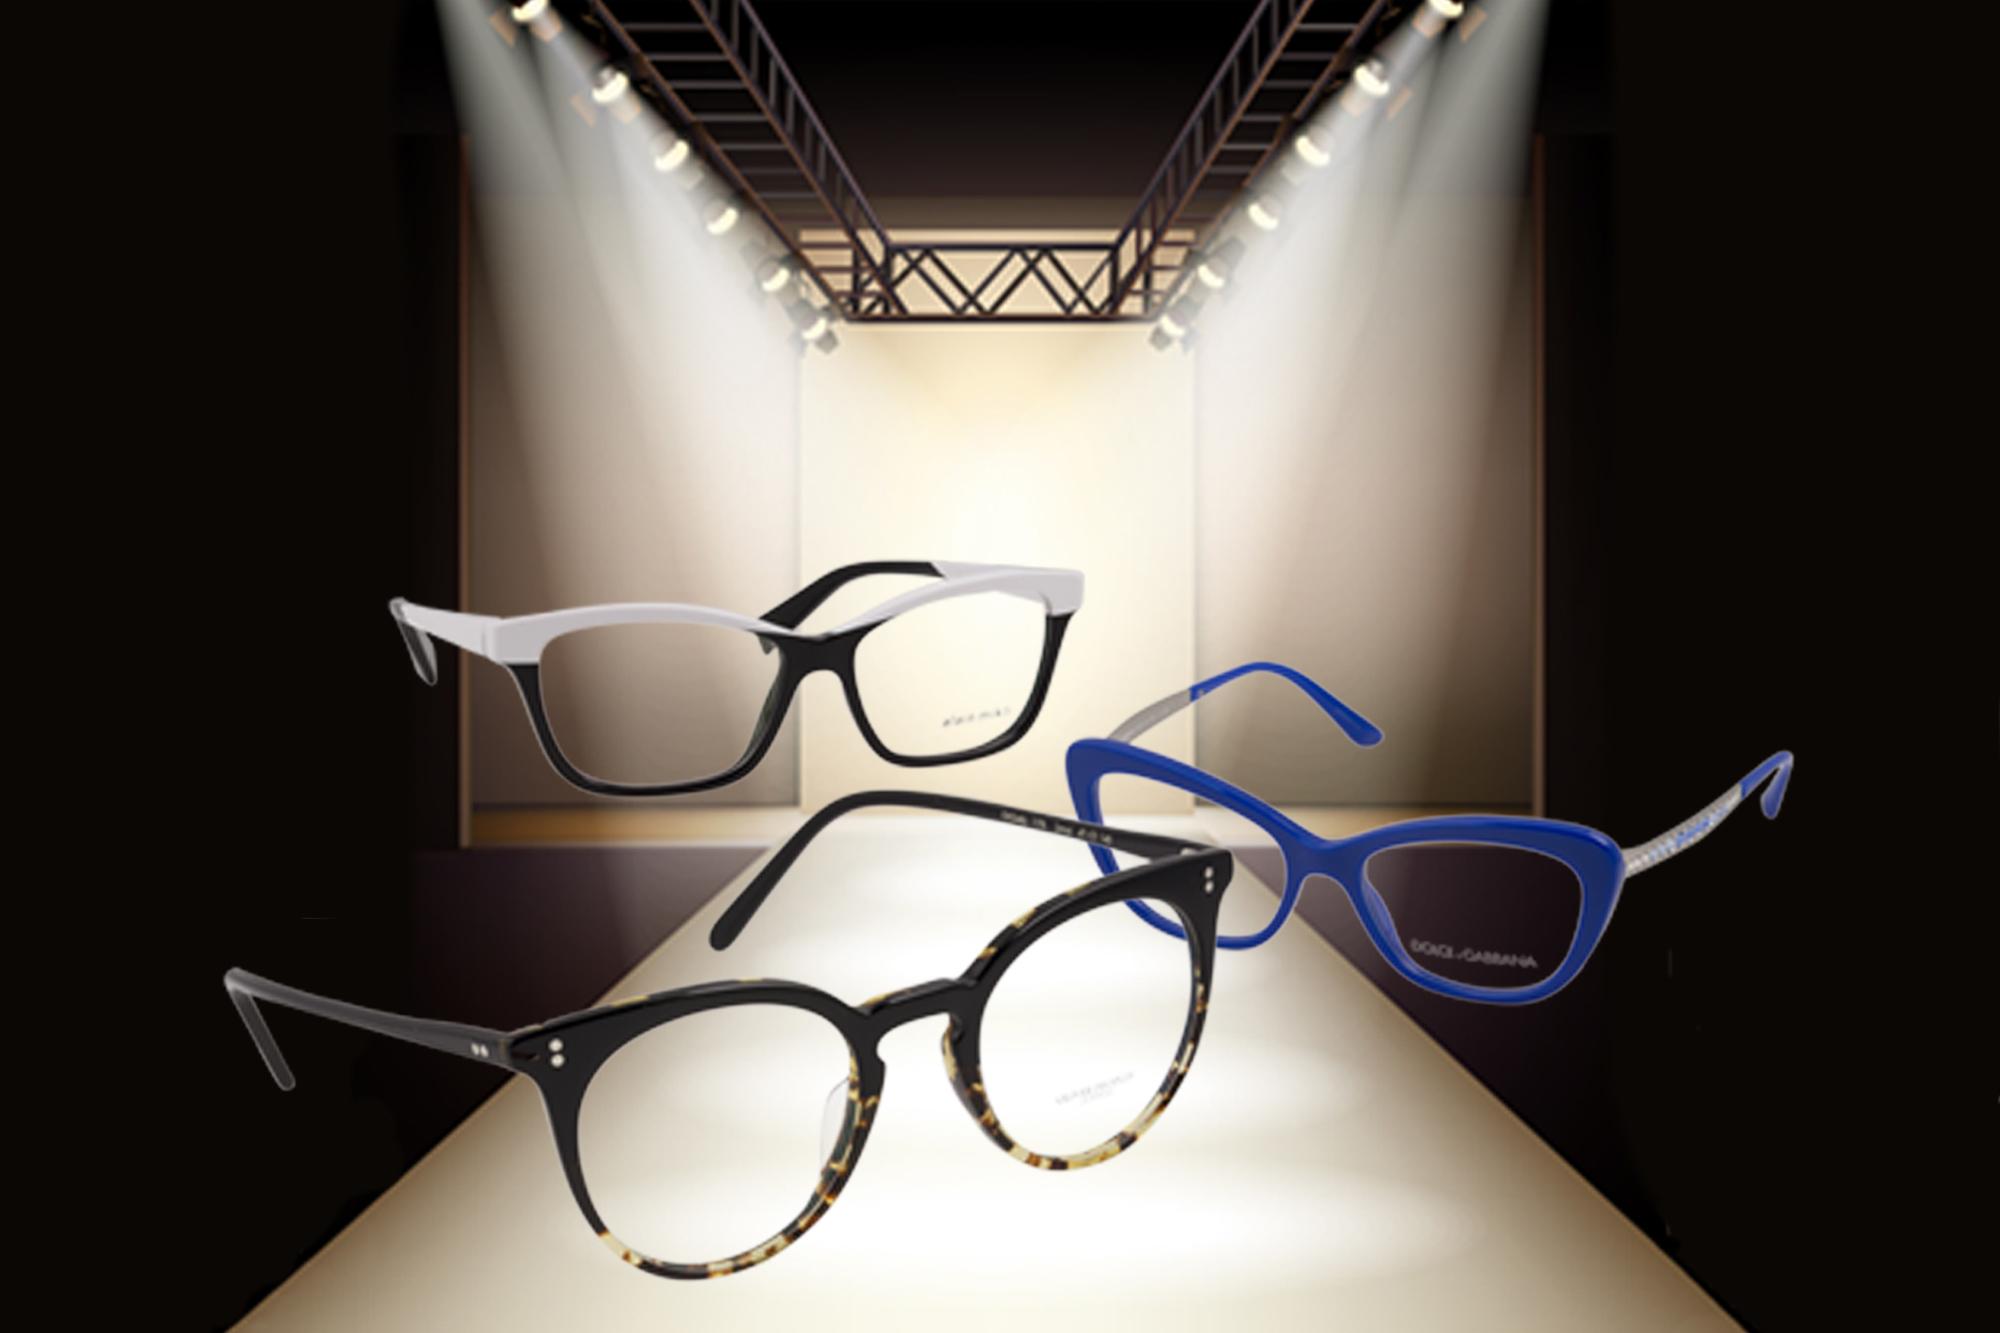 Gafas Graduadas, El último Complemento De Moda